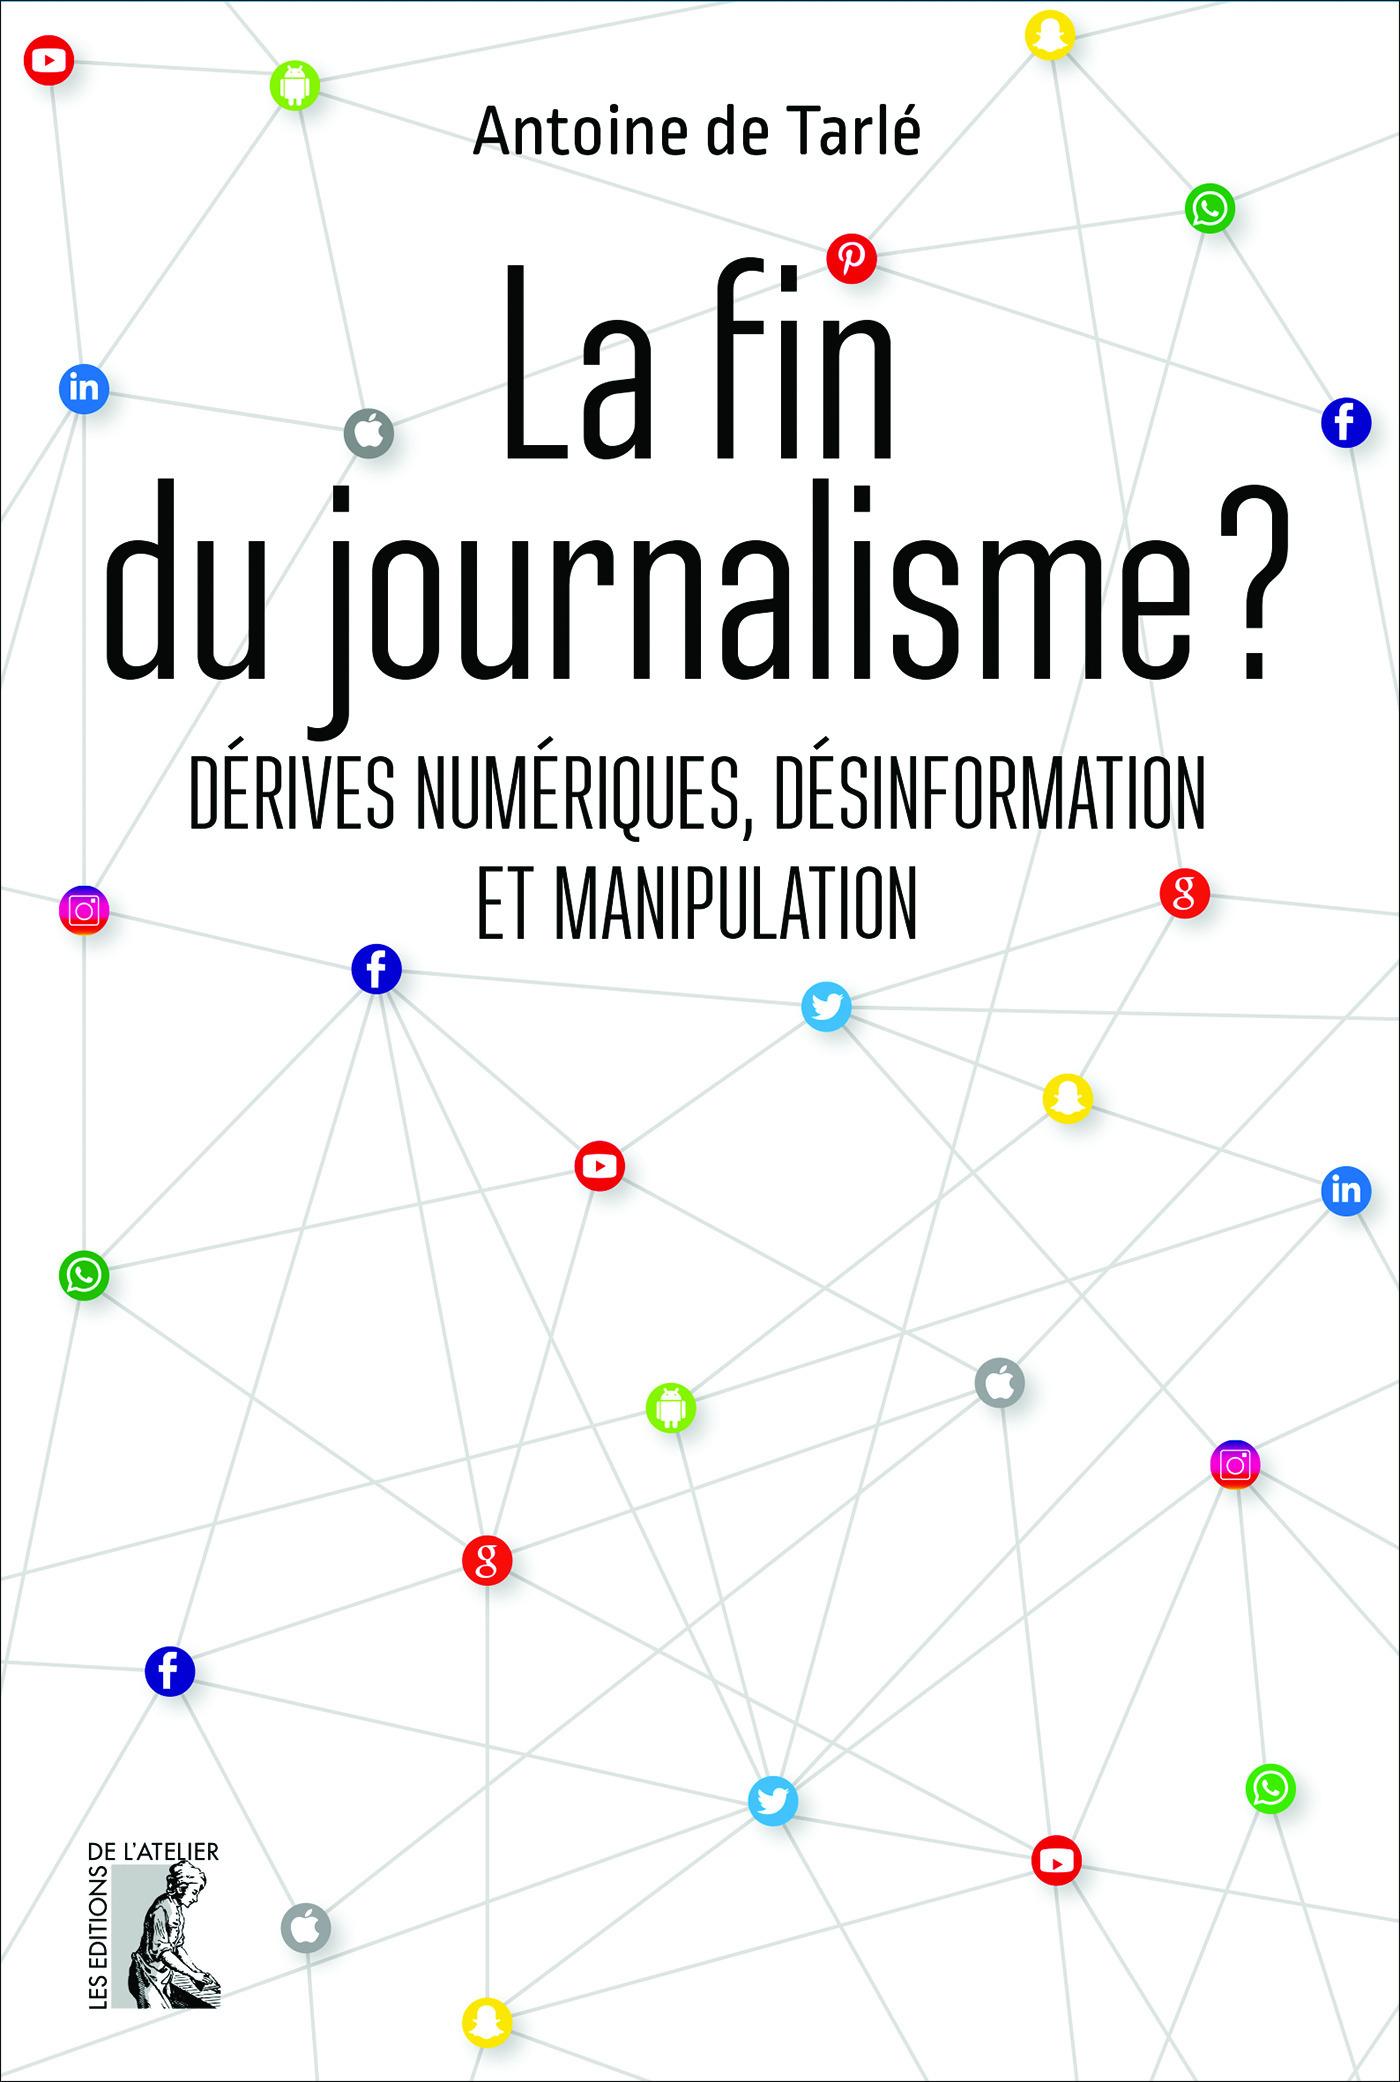 La fin du journalisme ? dérives numériques, désinformation et manipulation